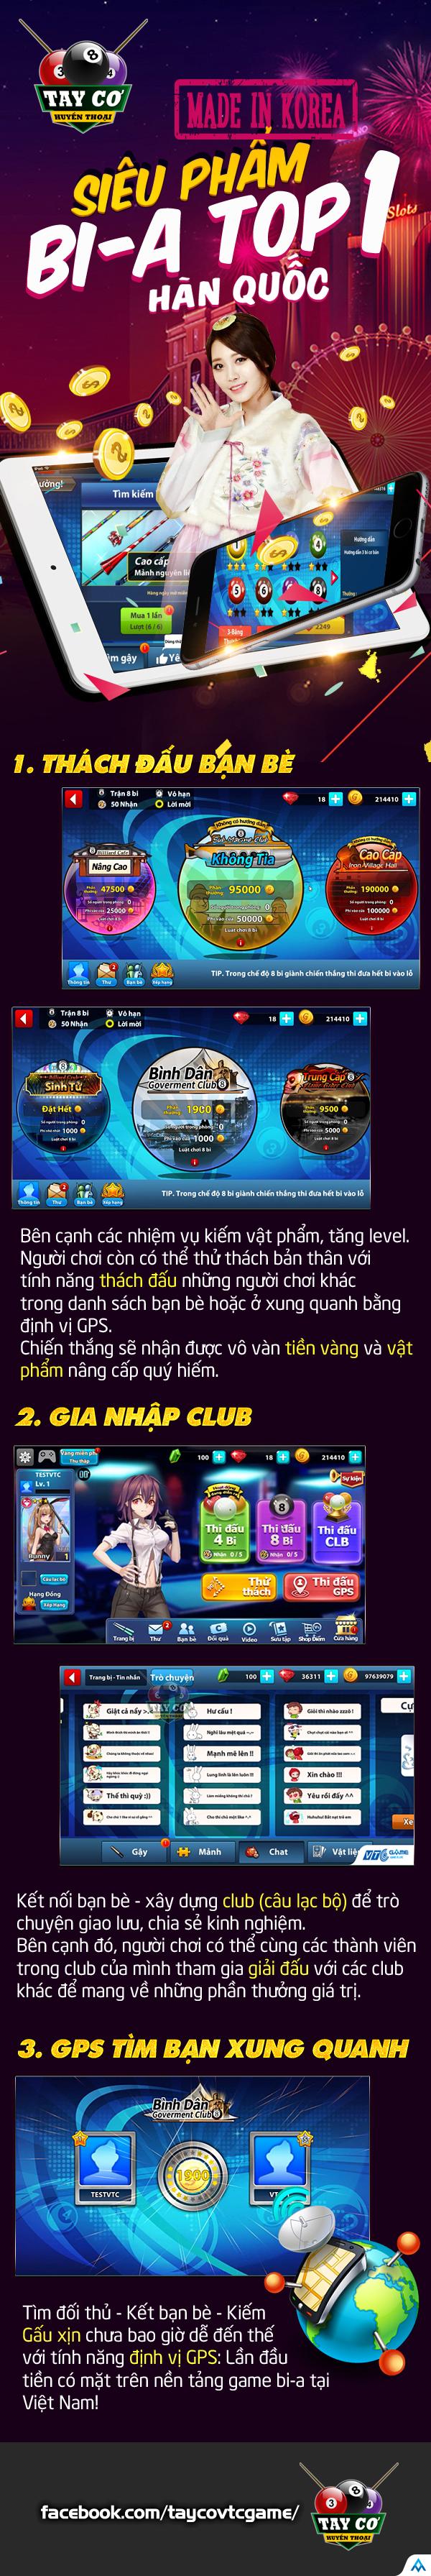 Cộng đồng game thủ bi-a Việt Nam từ giờ sẽ cực mạnh nhờ 3 lý do này! - ảnh 6